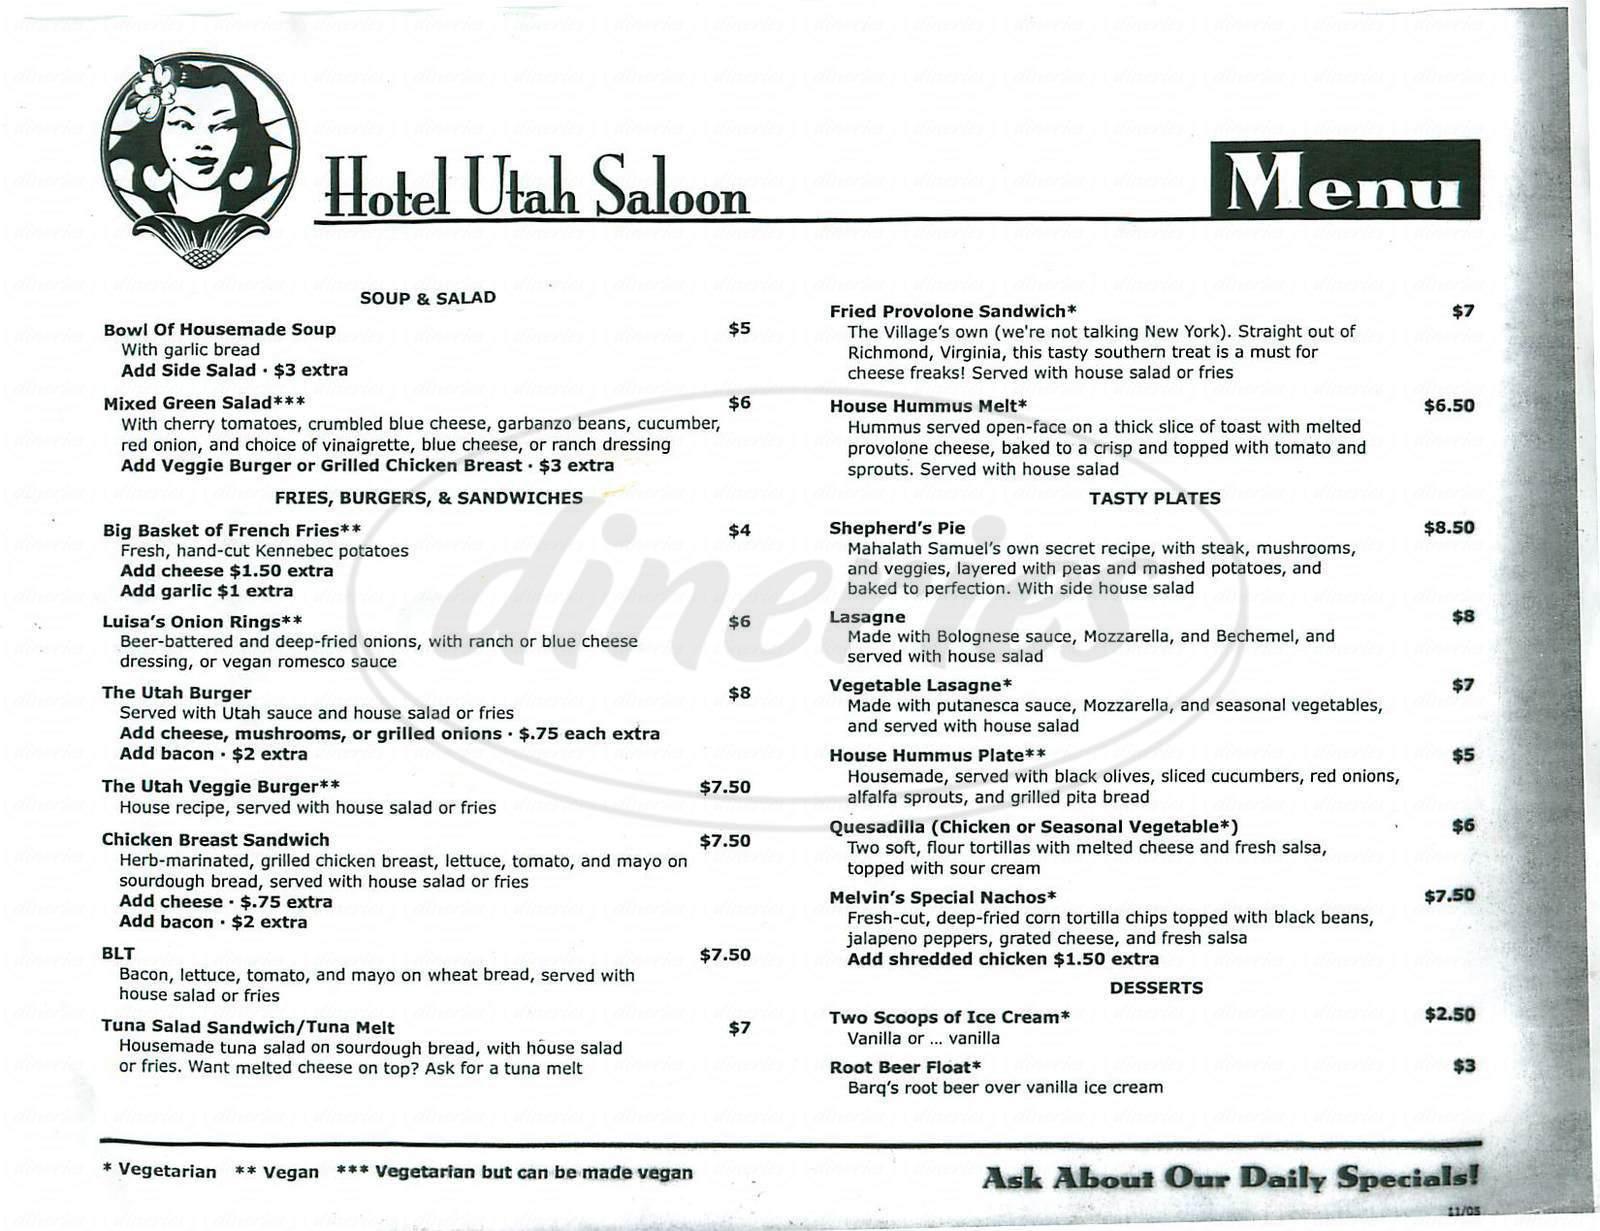 menu for Hotel Utah Saloon